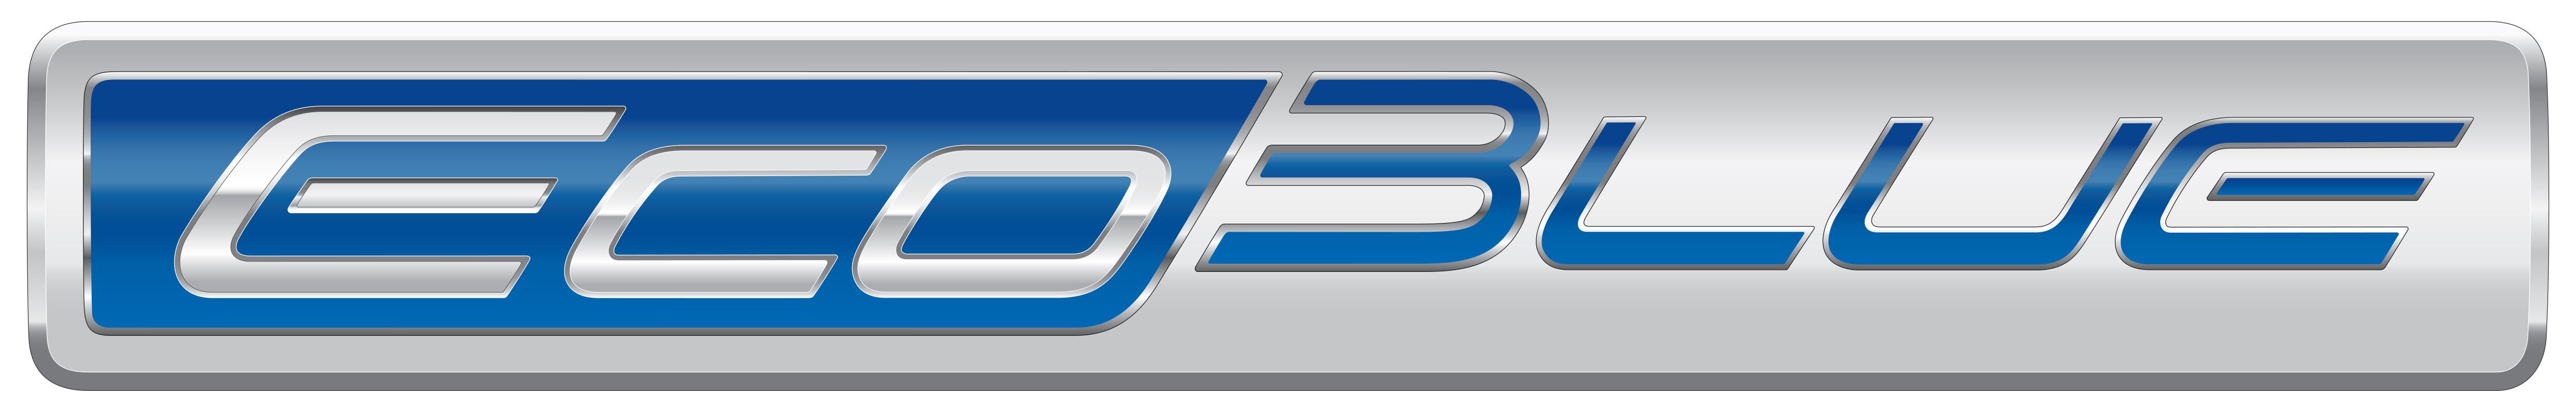 Neue Ford Ecoblue Turbodieselmotoren Feiern Premiere Im Ford